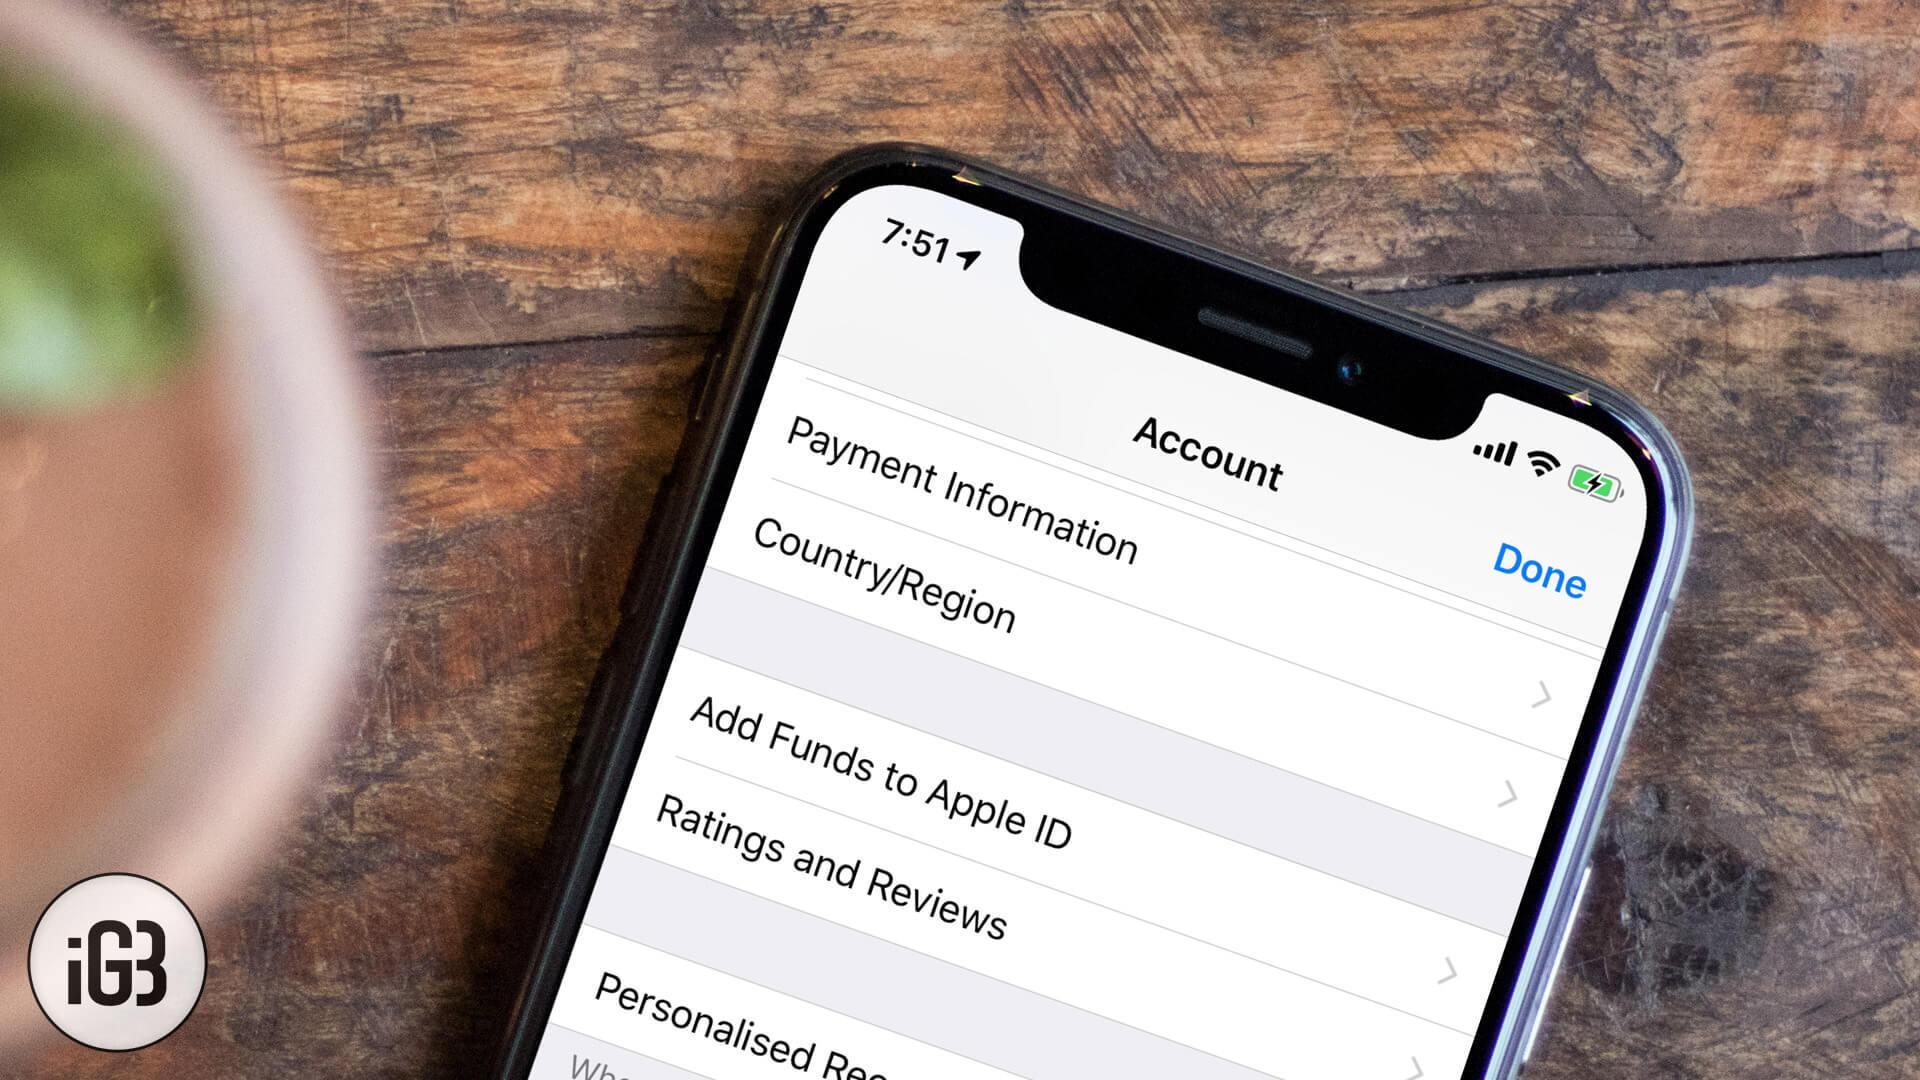 Không lo ứng dụng bị giới hạn quốc gia với cách chuyển vùng Appstore